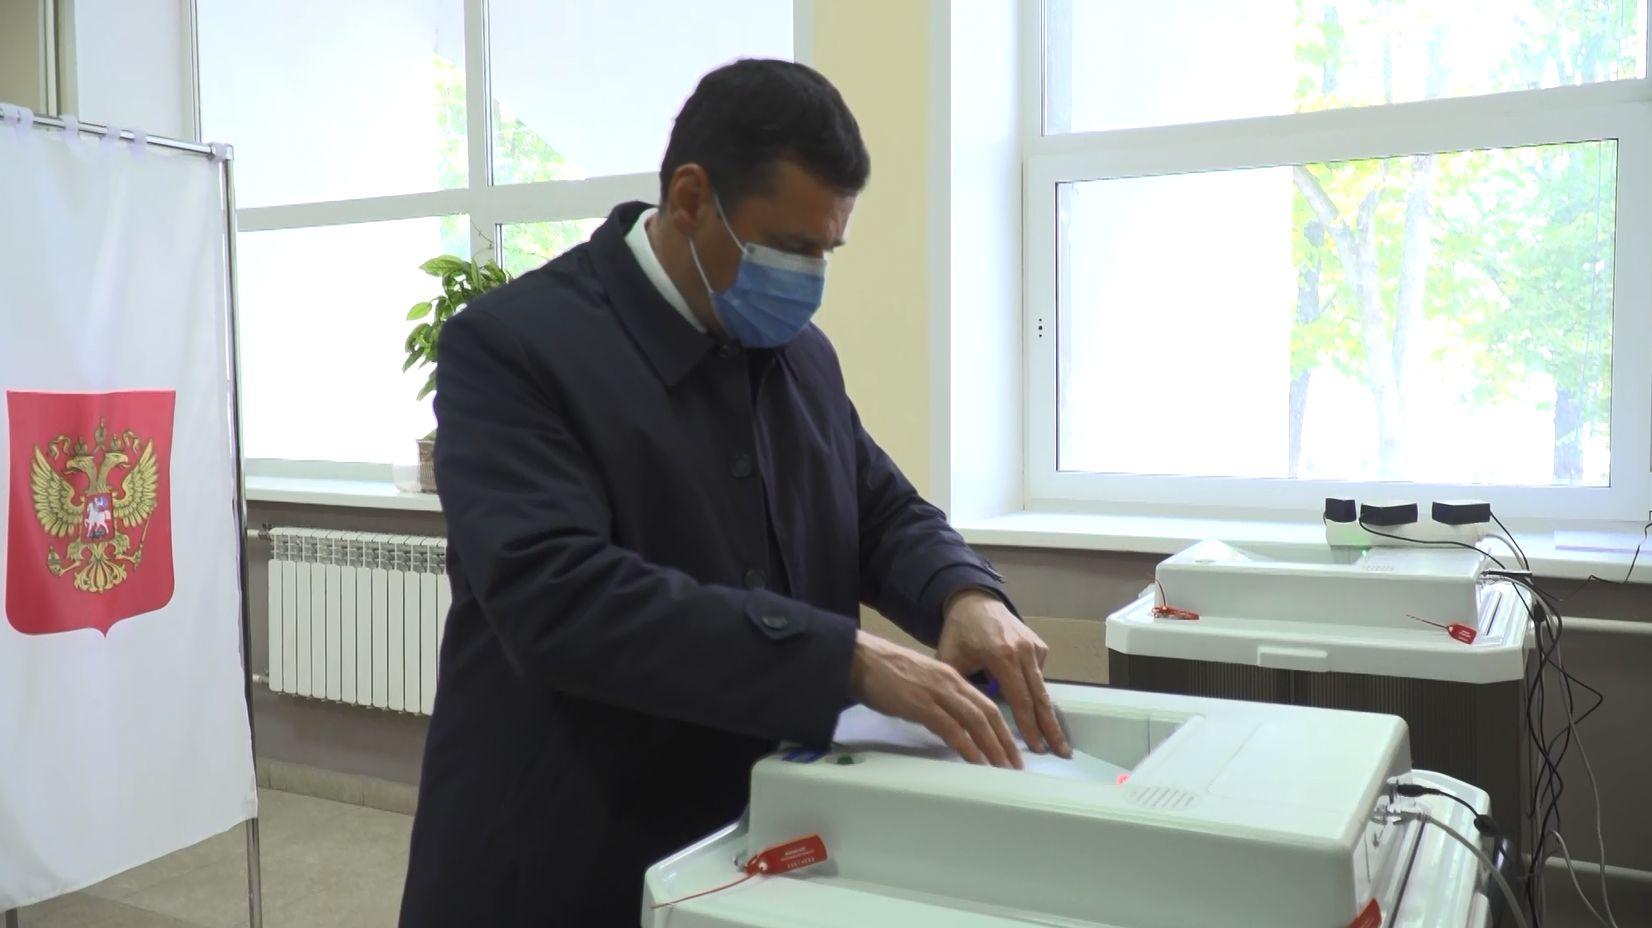 Губернатор Ярославской области Дмитрий Миронов проголосовал «за настоящих профессионалов, которые и словом, и делом смогли зарекомендовать»